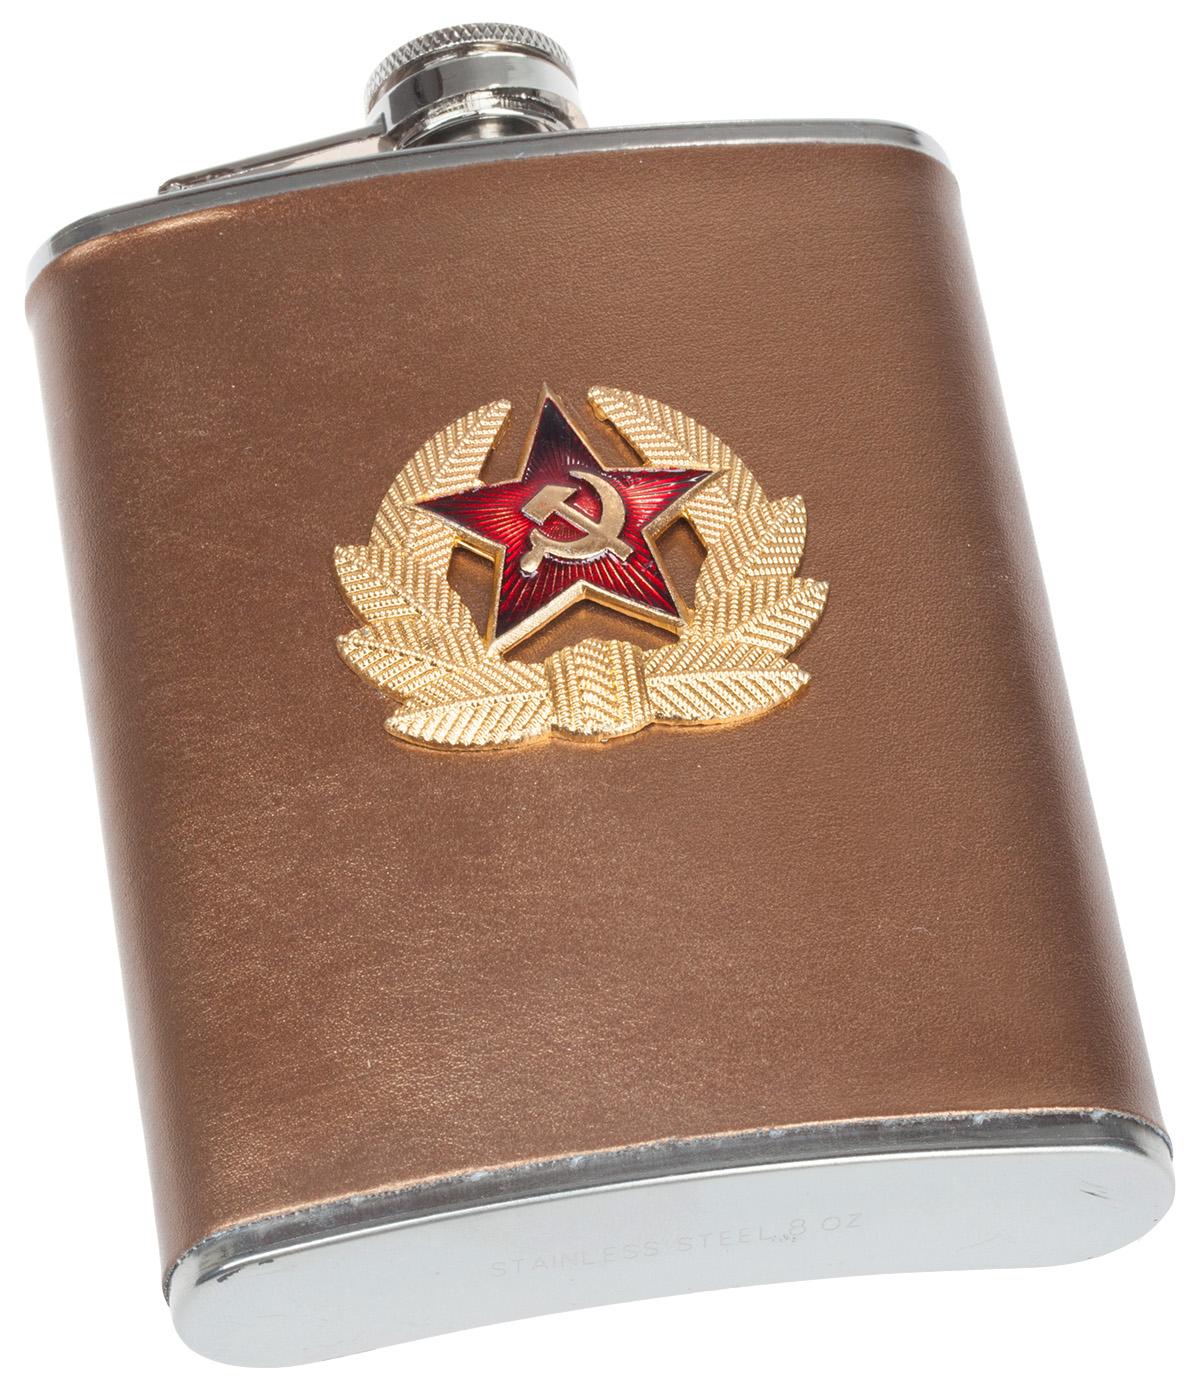 Заказать Армейскую фляжку с кокардой СА с доставкой